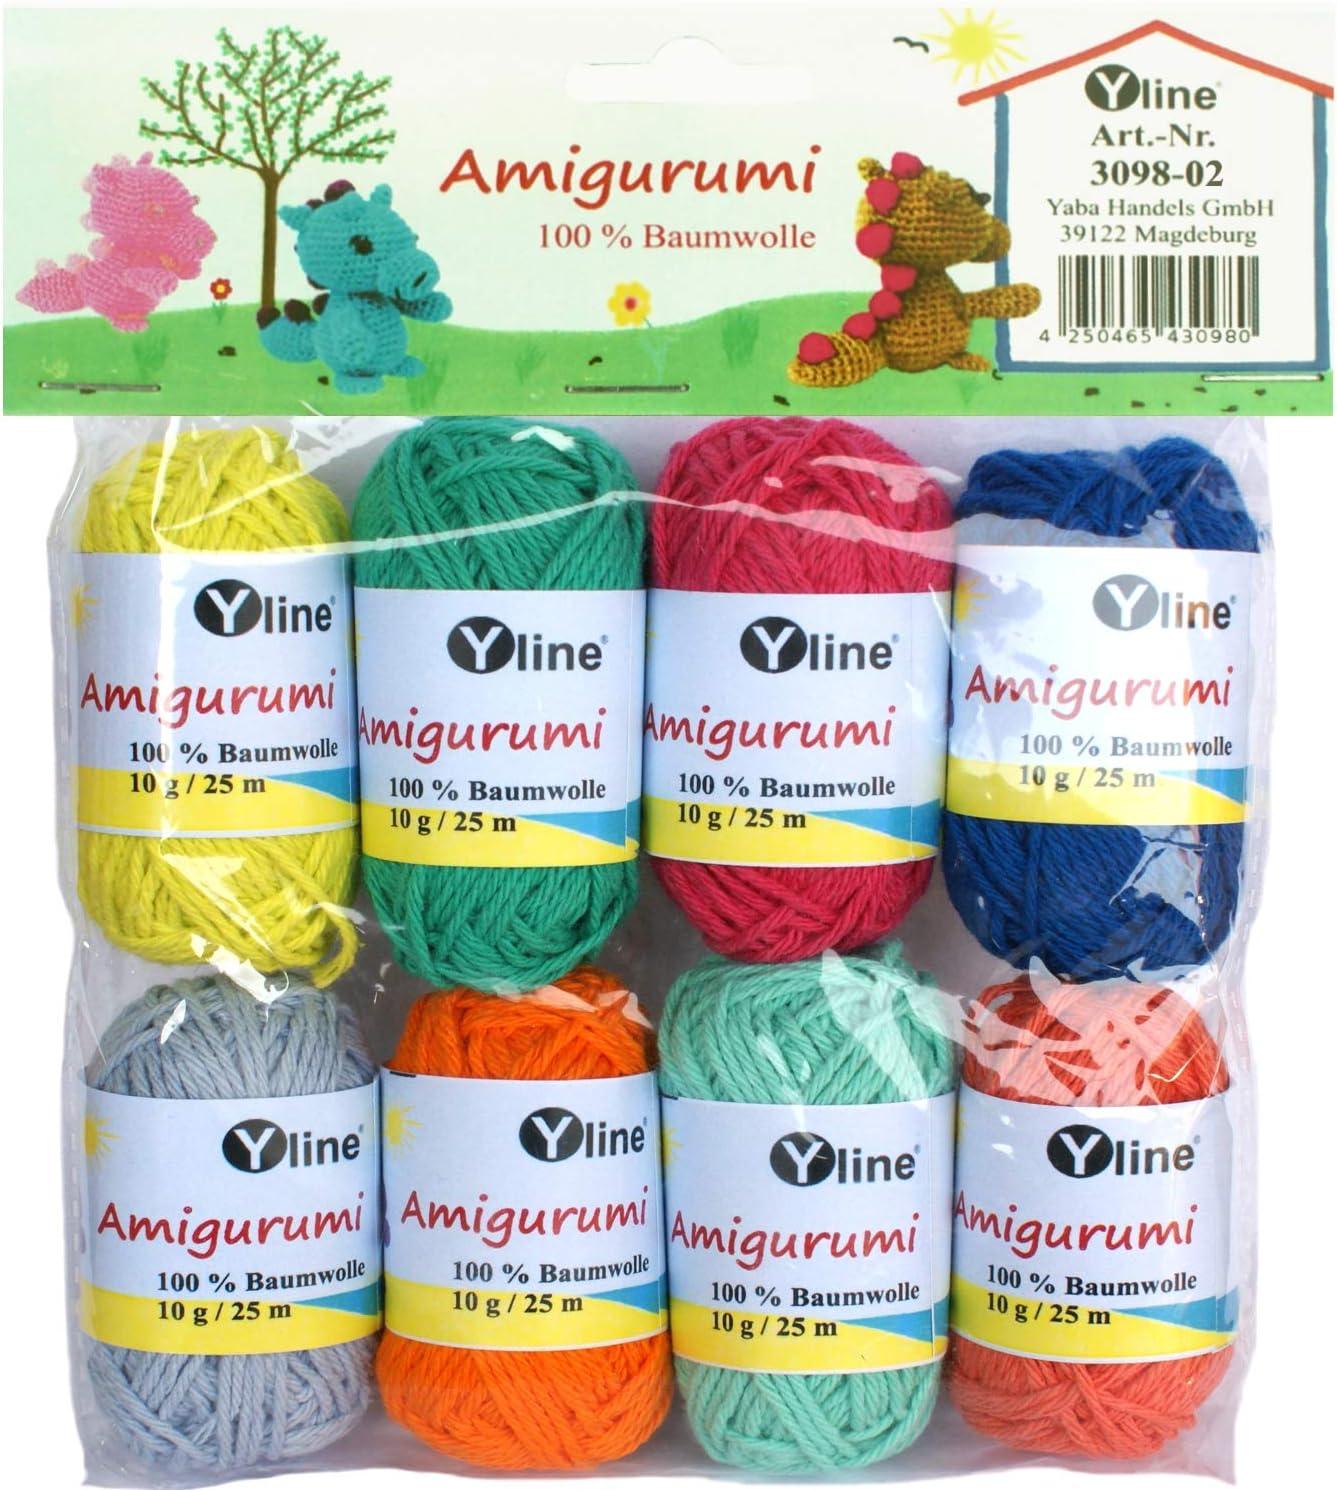 Yline Juego de ovillos de Lana Amigurumi 10 g, 100% algodón, Hilo, Lana de Punto, Hilo de Ganchillo, 3098-02: Amazon.es: Hogar